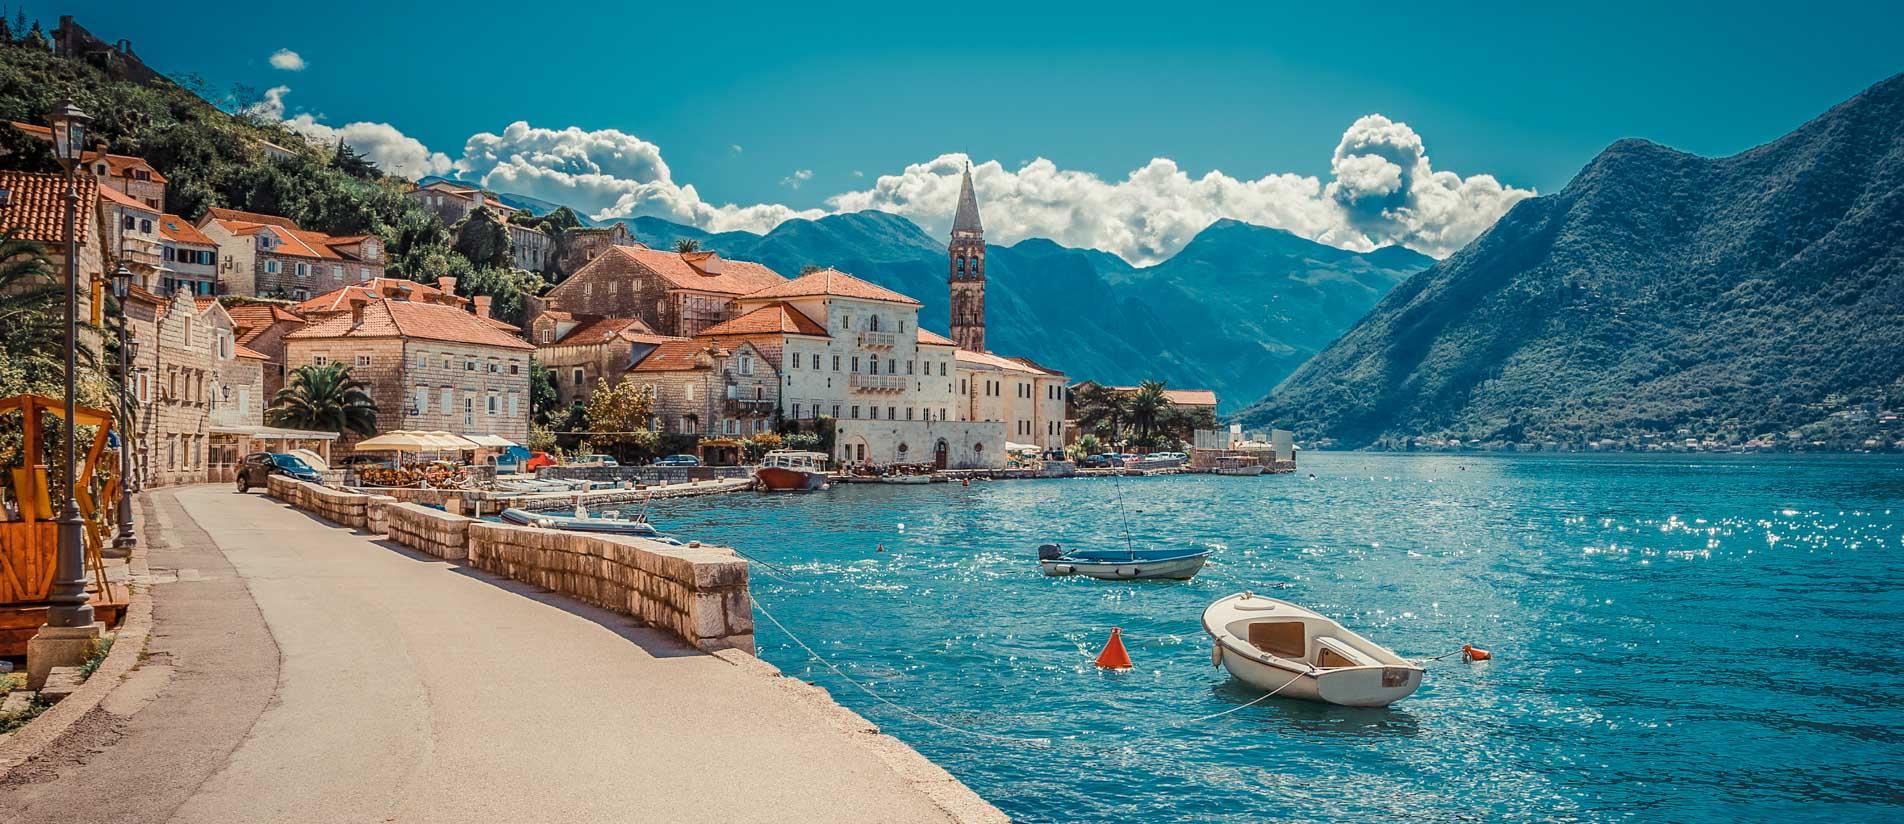 Черногория недвижимость цены дубай торговые центры